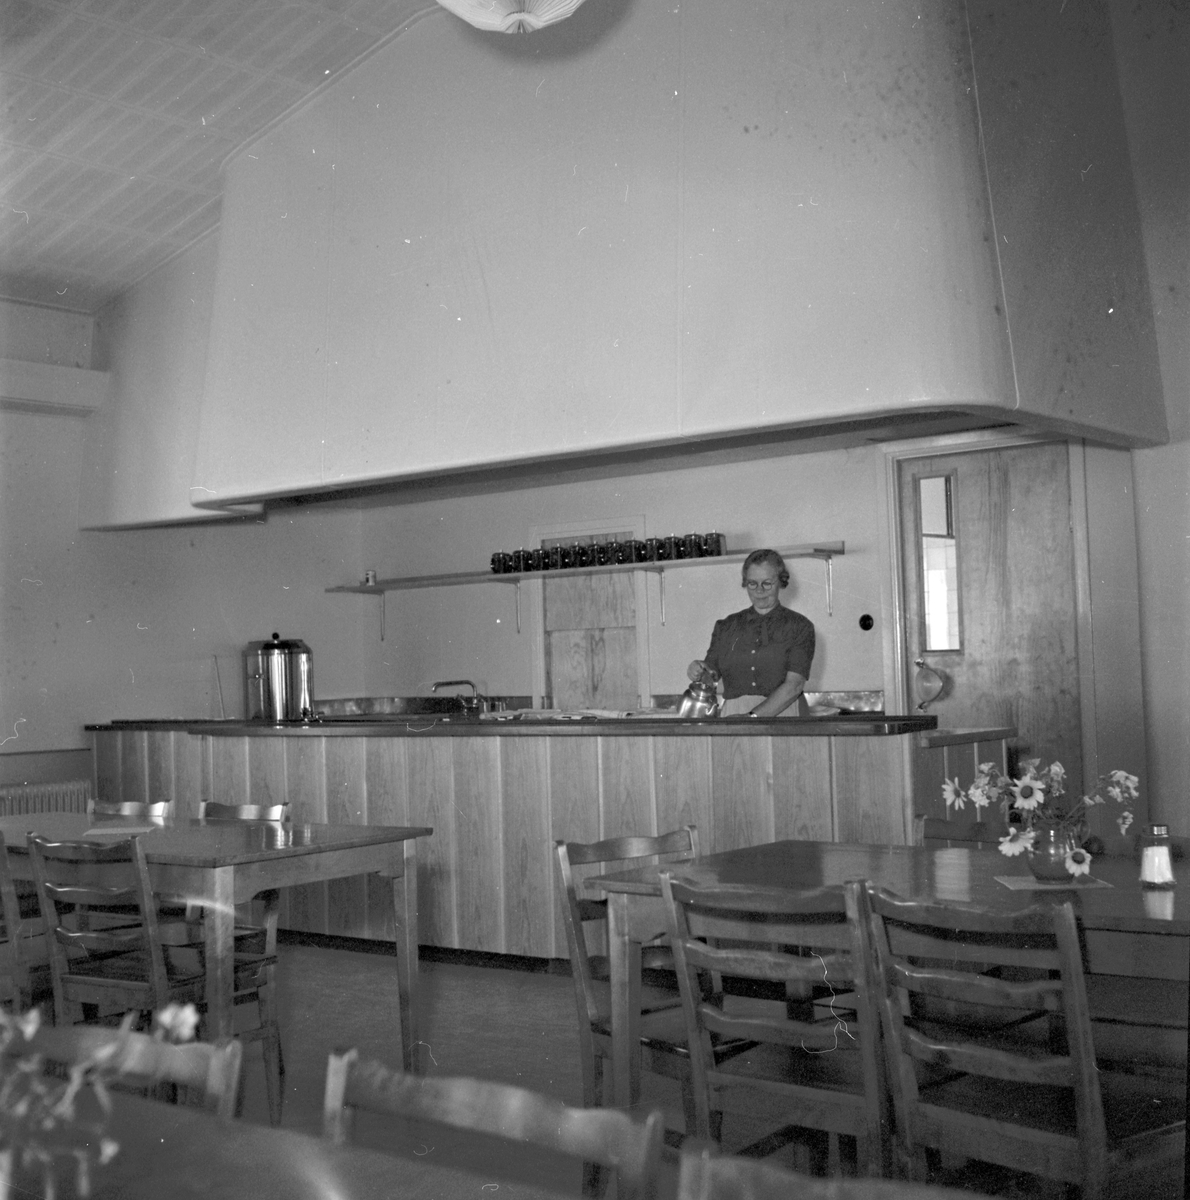 Västerbergs Folkhögskola, Storvik 40 årsjubileum i samband med renovering. 2 oktober 1950.